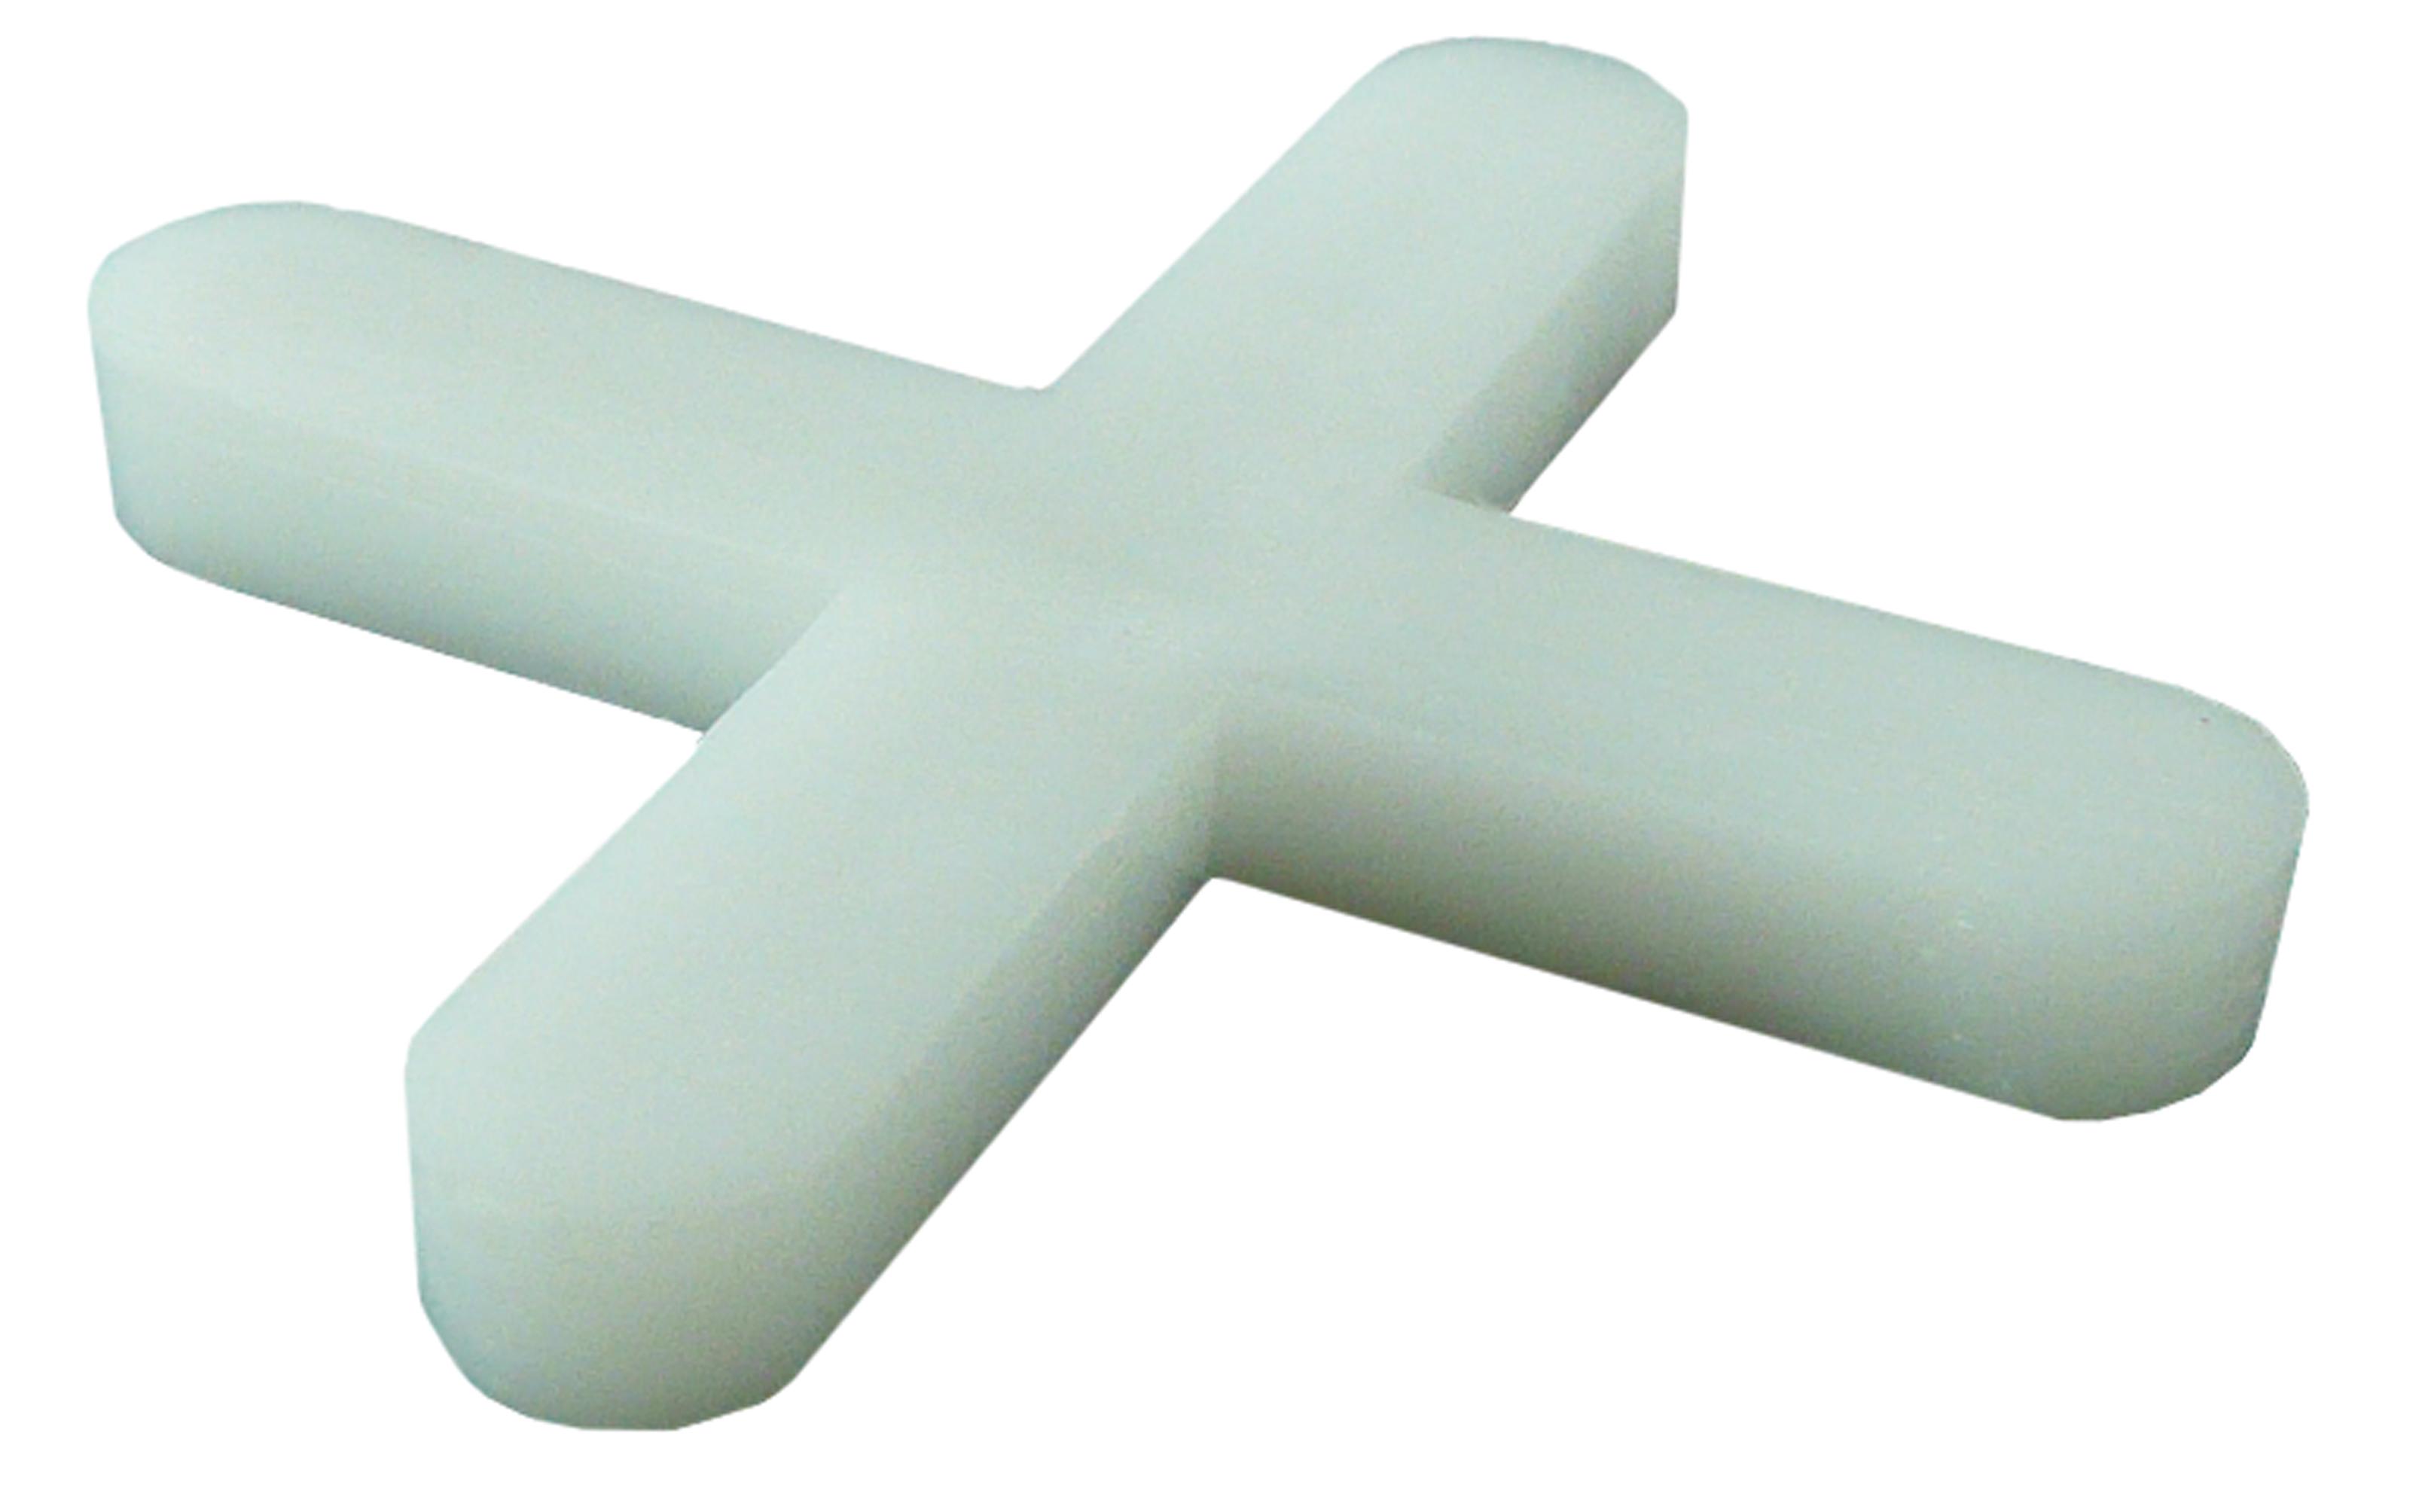 croisillons fa ence en croix 3 mm taliaplast sachet de 250 krenobat outillage distribution. Black Bedroom Furniture Sets. Home Design Ideas